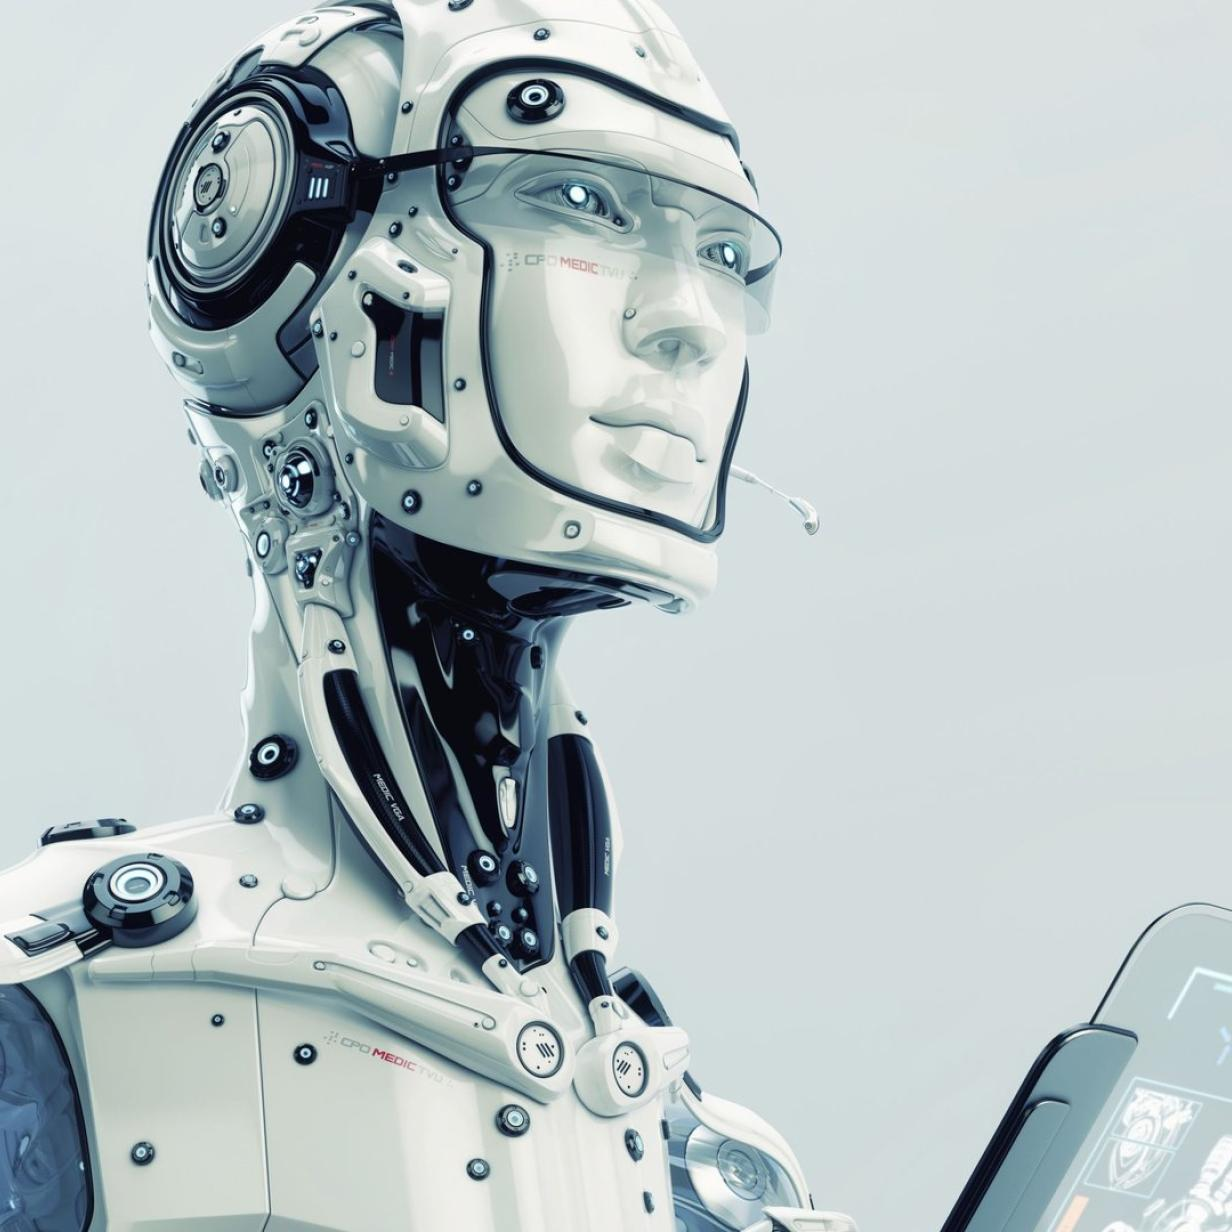 Firma zahlt 130.000 Dollar, wenn man sein Gesicht für einen Roboter zur Verfügung stellt